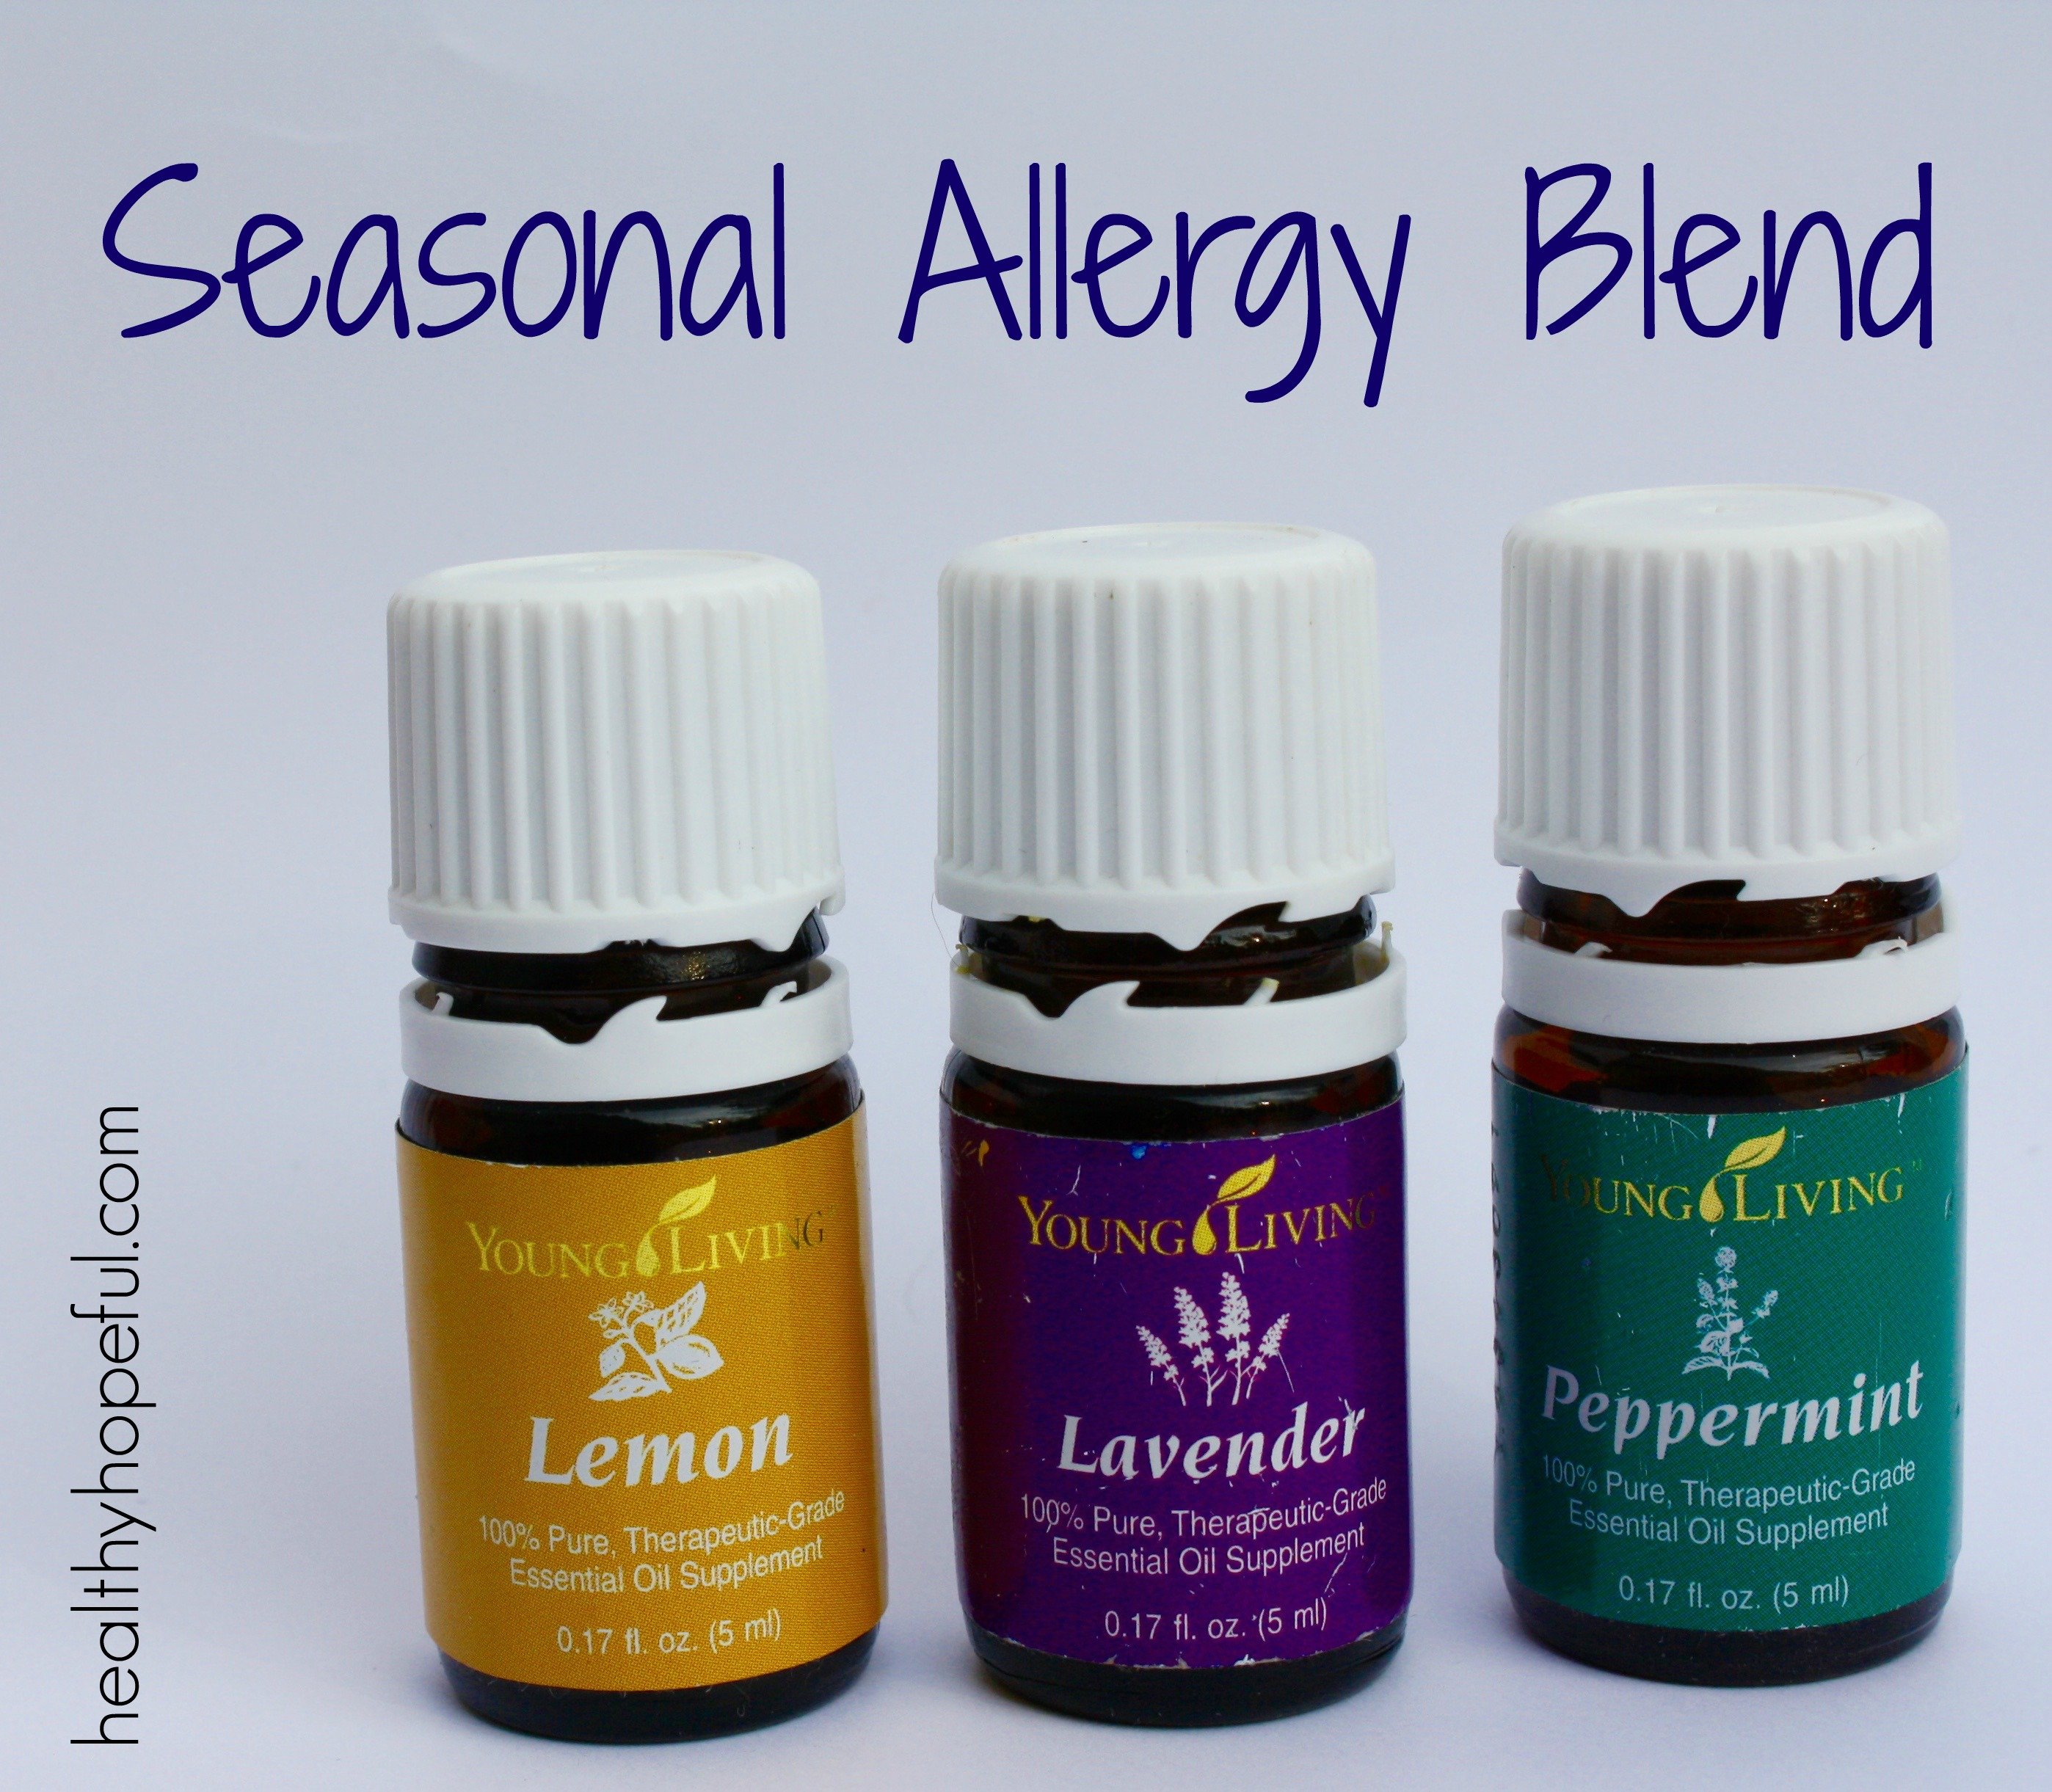 Eo Allergy Blend